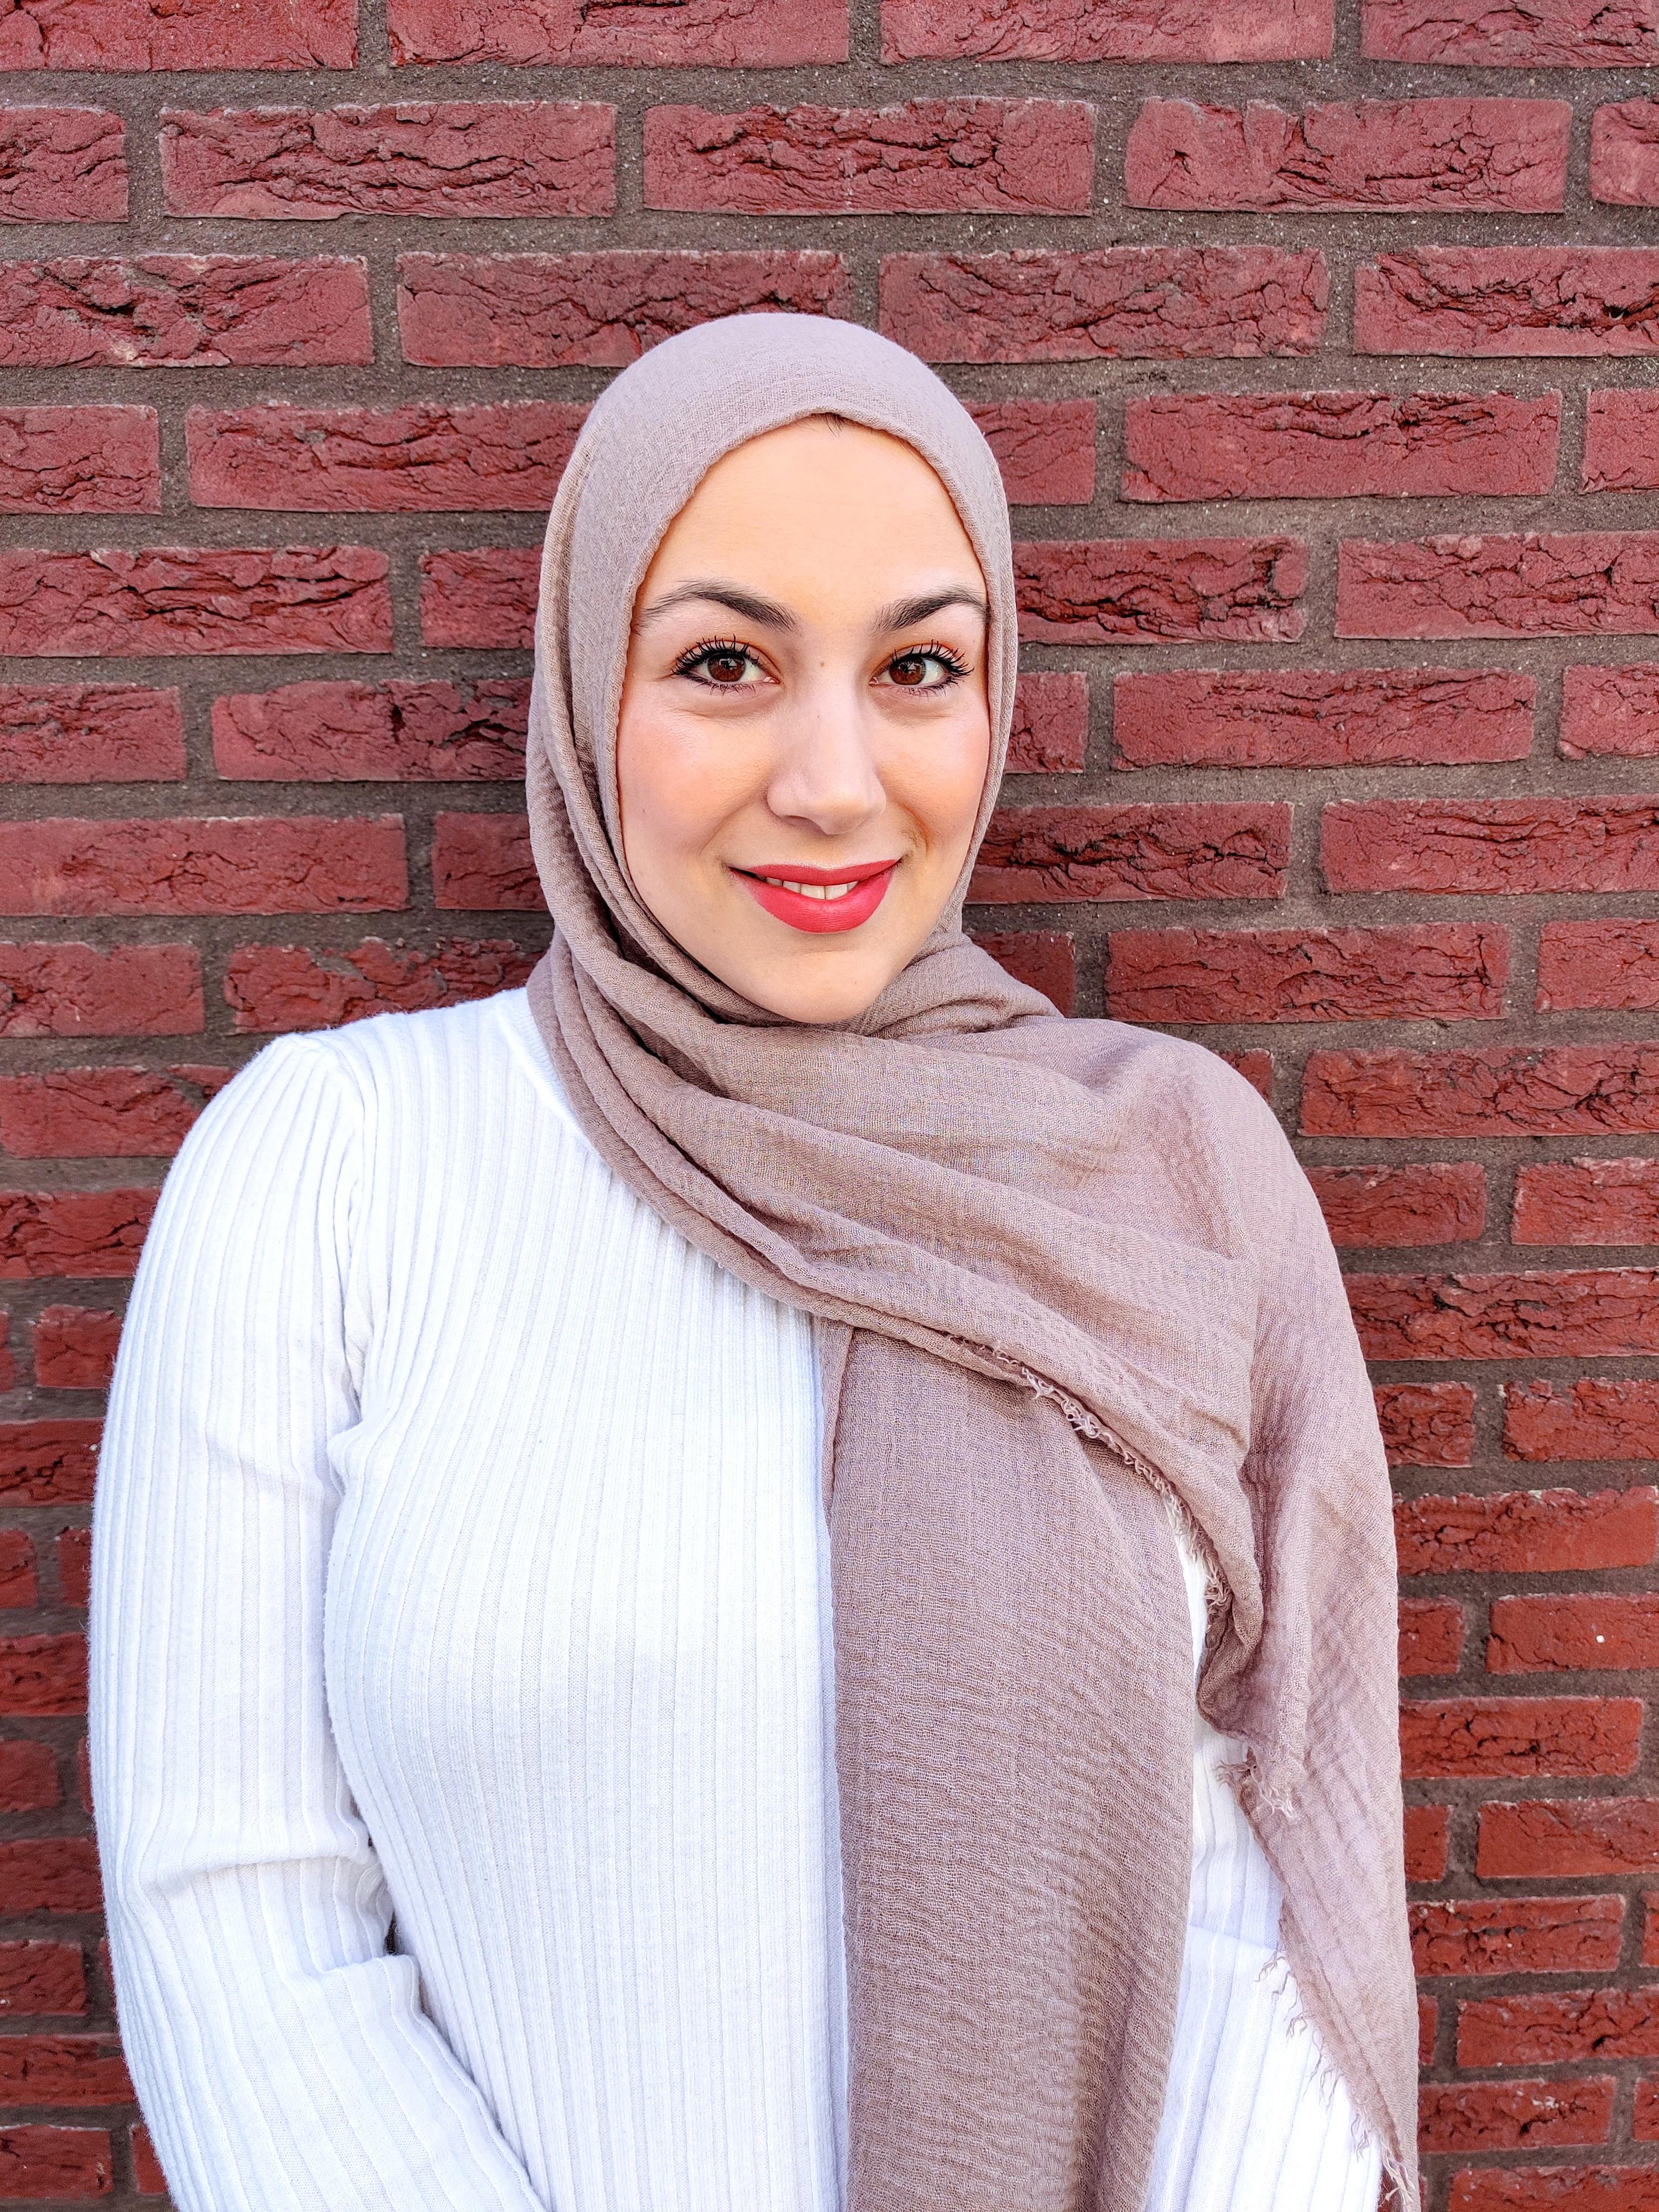 Fatma Yalan